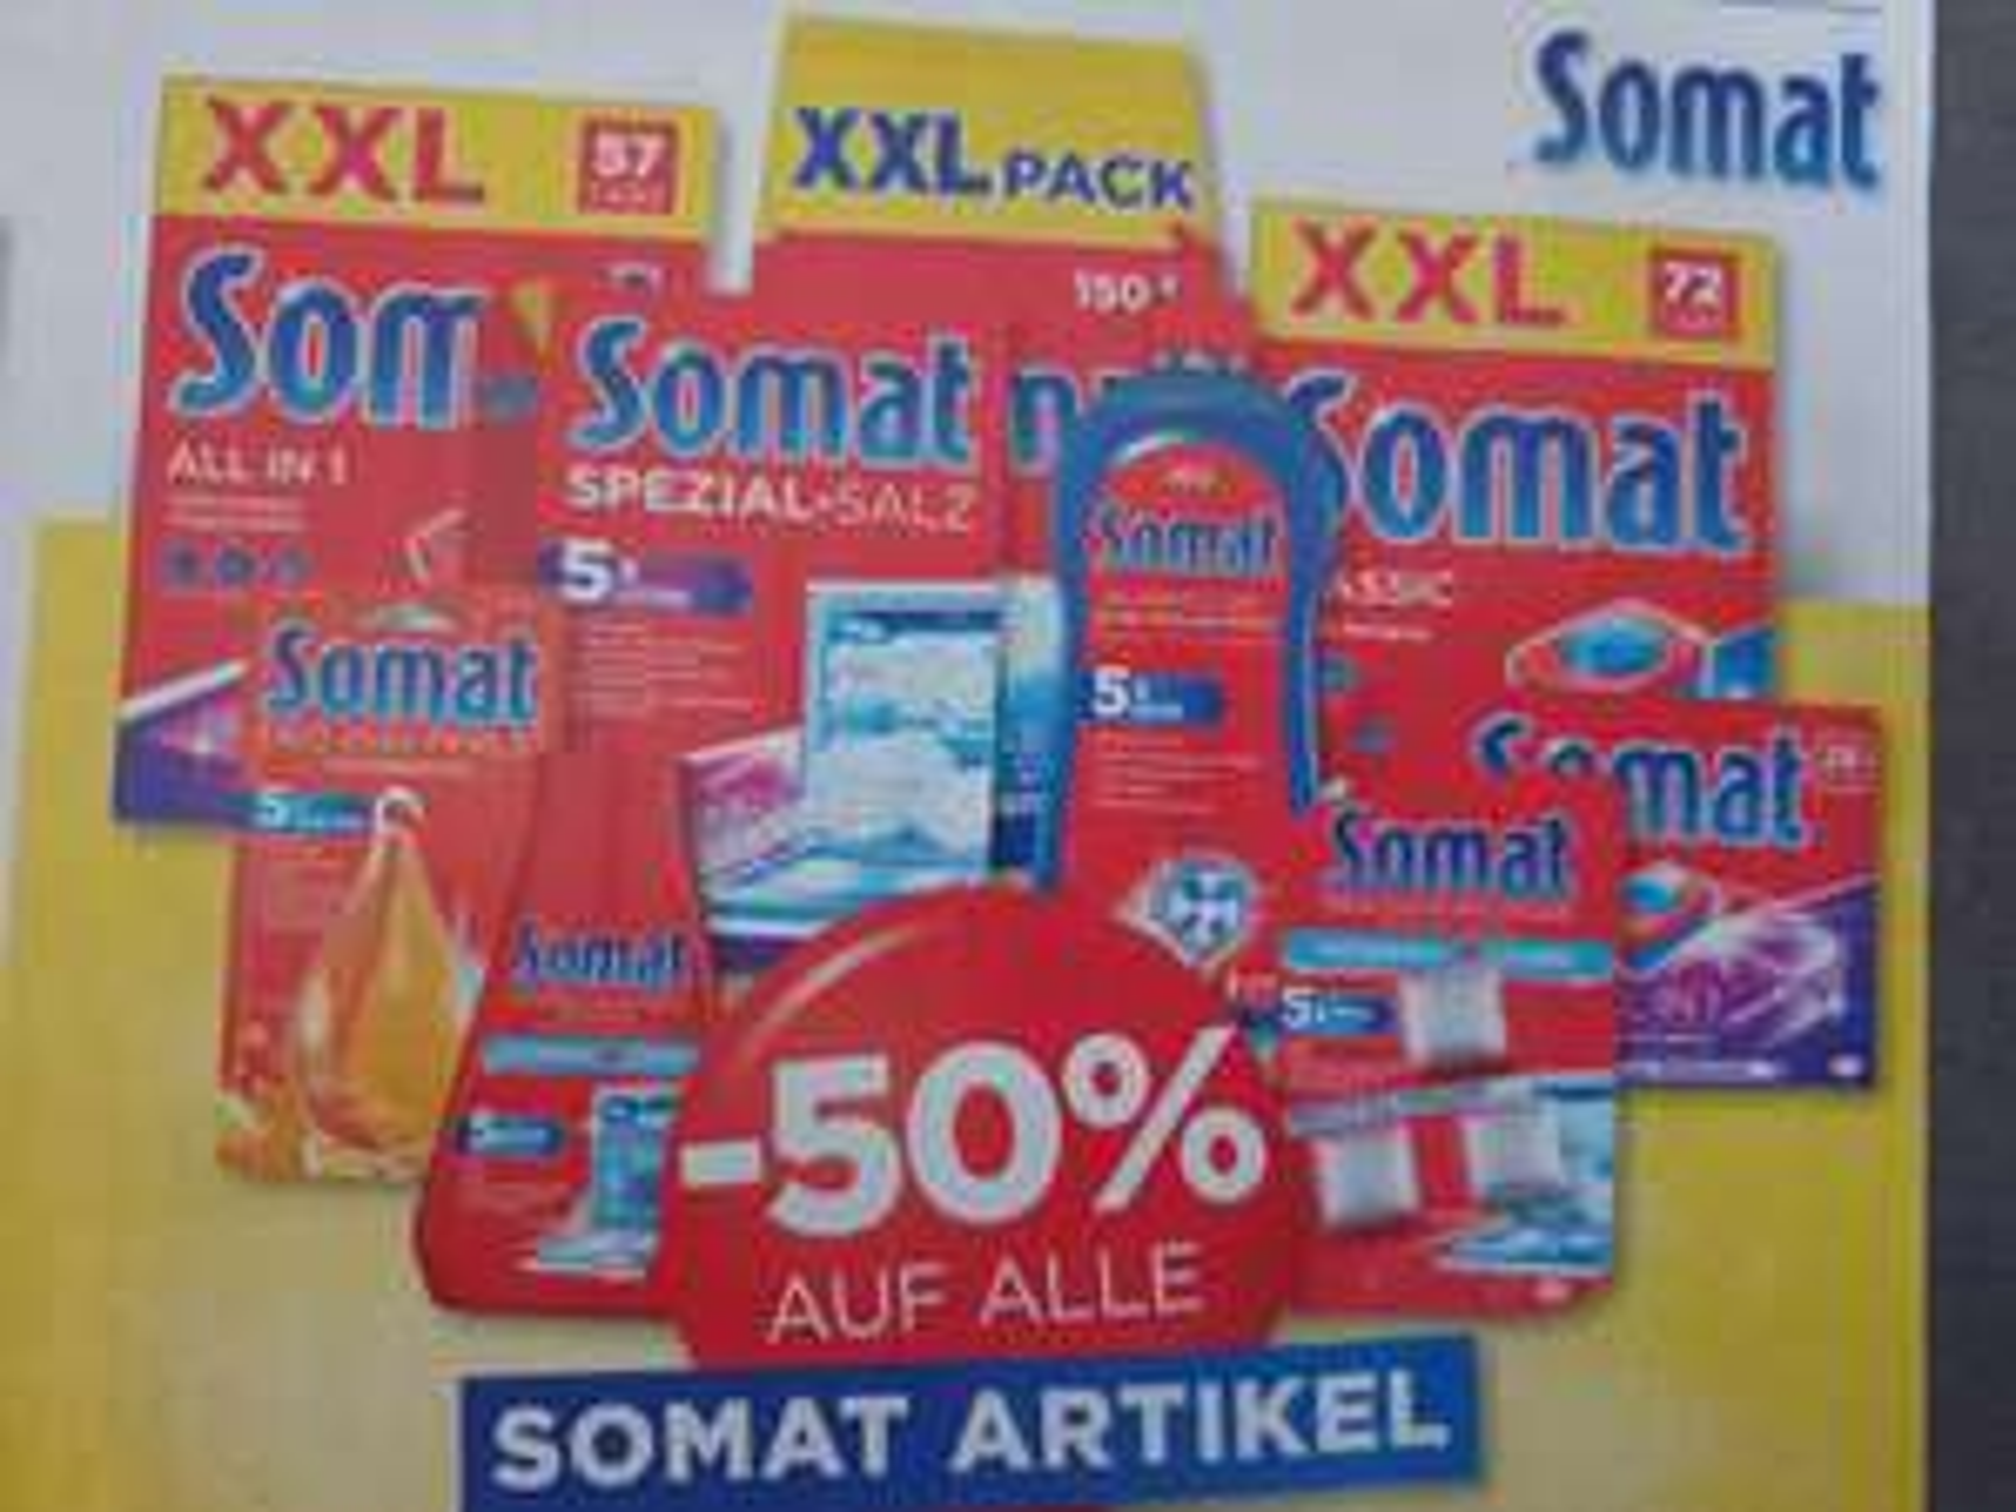 -50% auf ALLE SOMAT Artikel beim Unimarkt